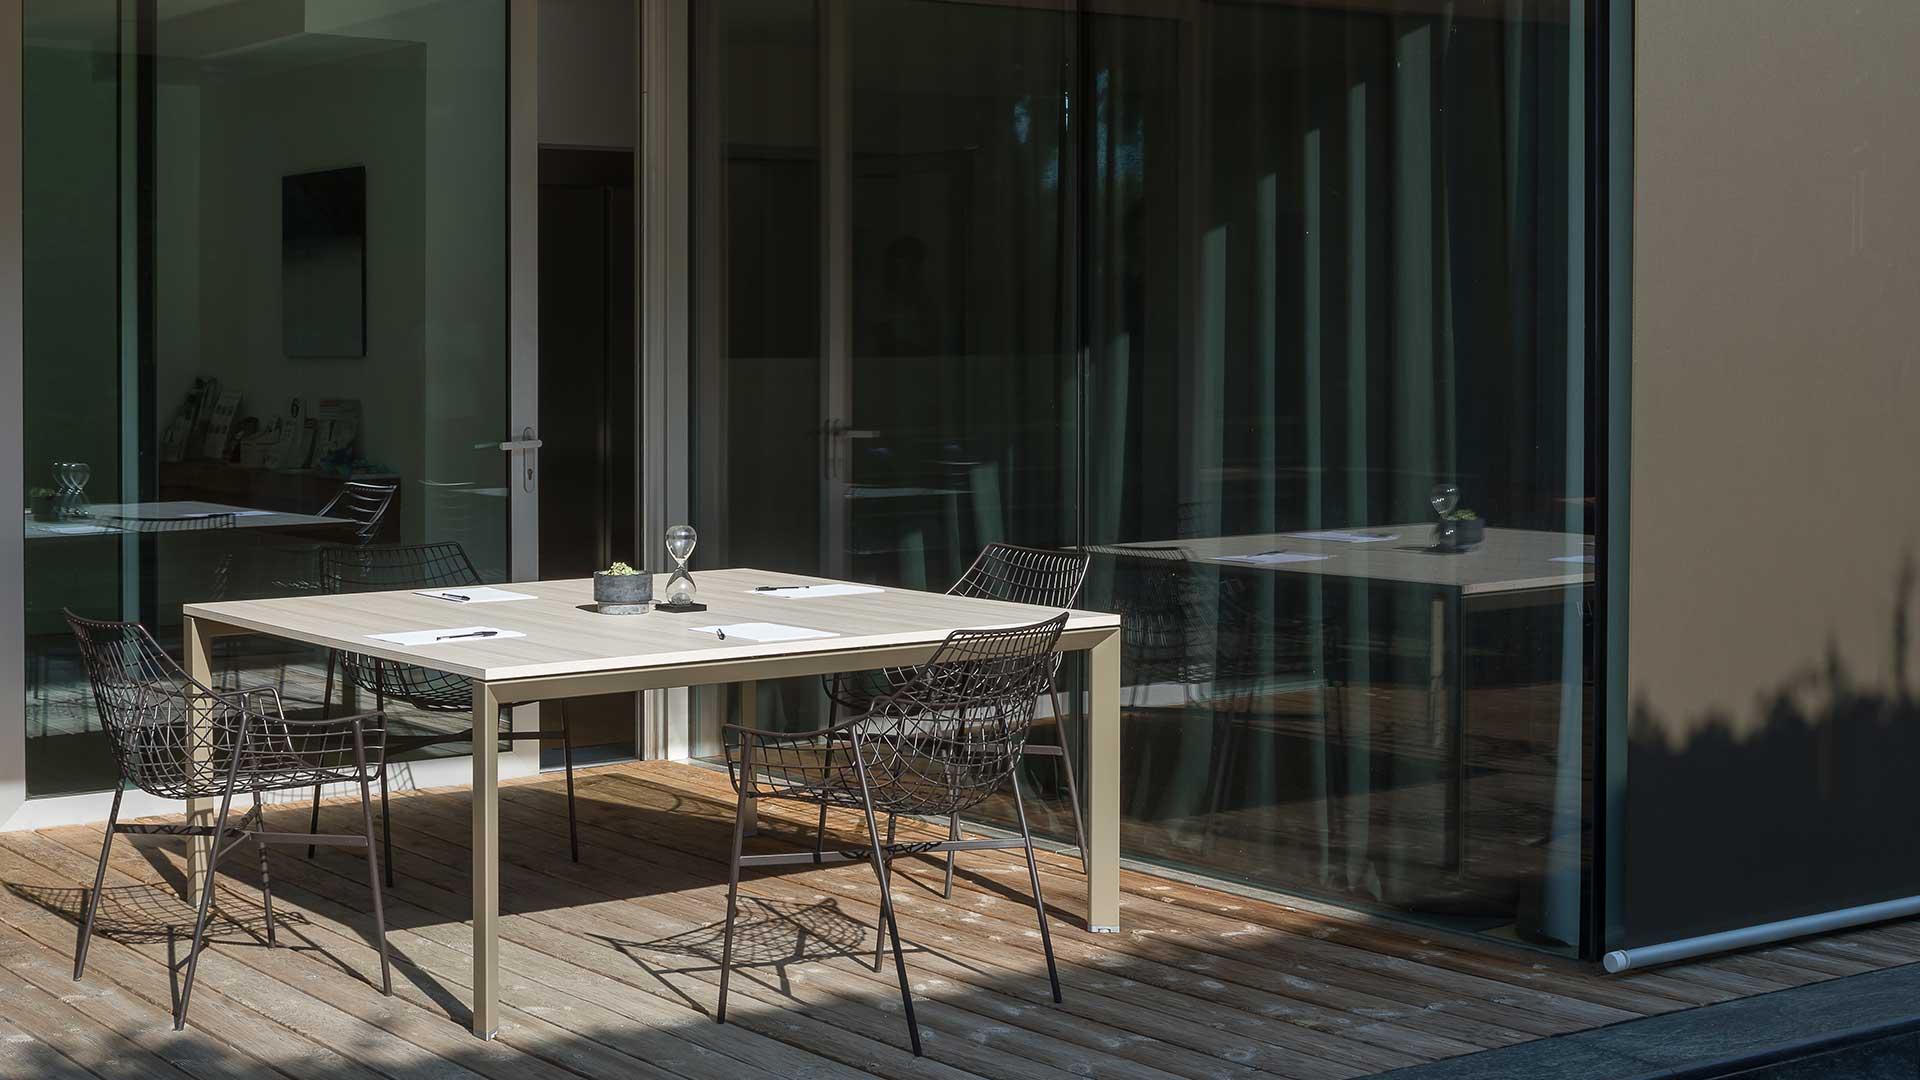 Tavoli-riunione-Corner-Level-Office-Landscape